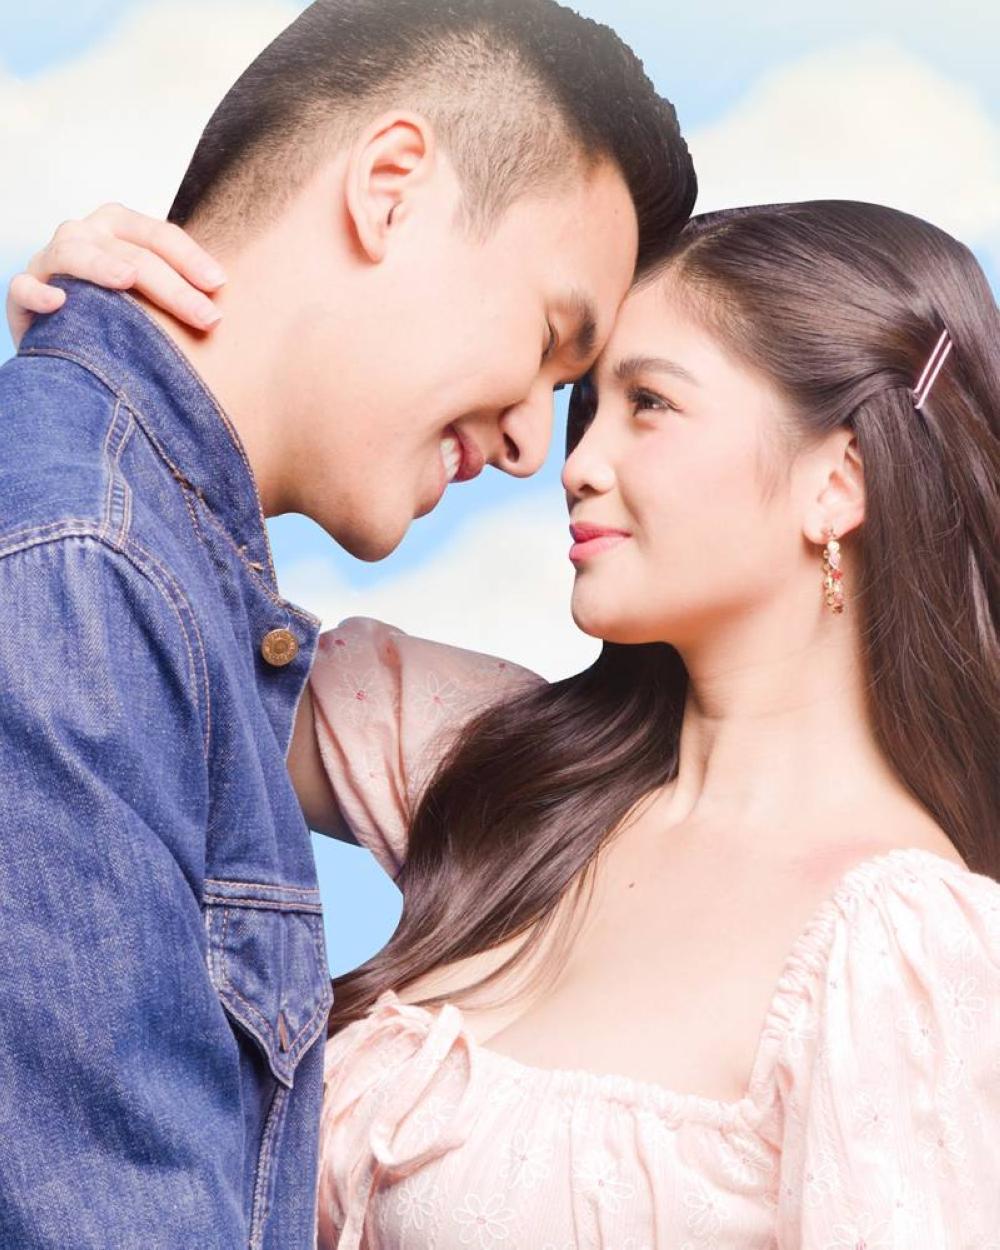 Ang pinakabagong pagpapares ng streaming ay mabilis na nakakuha ng isang sumusunod mula pa sa nagpapatuloy na serye na premiered noong Setyembre 24.